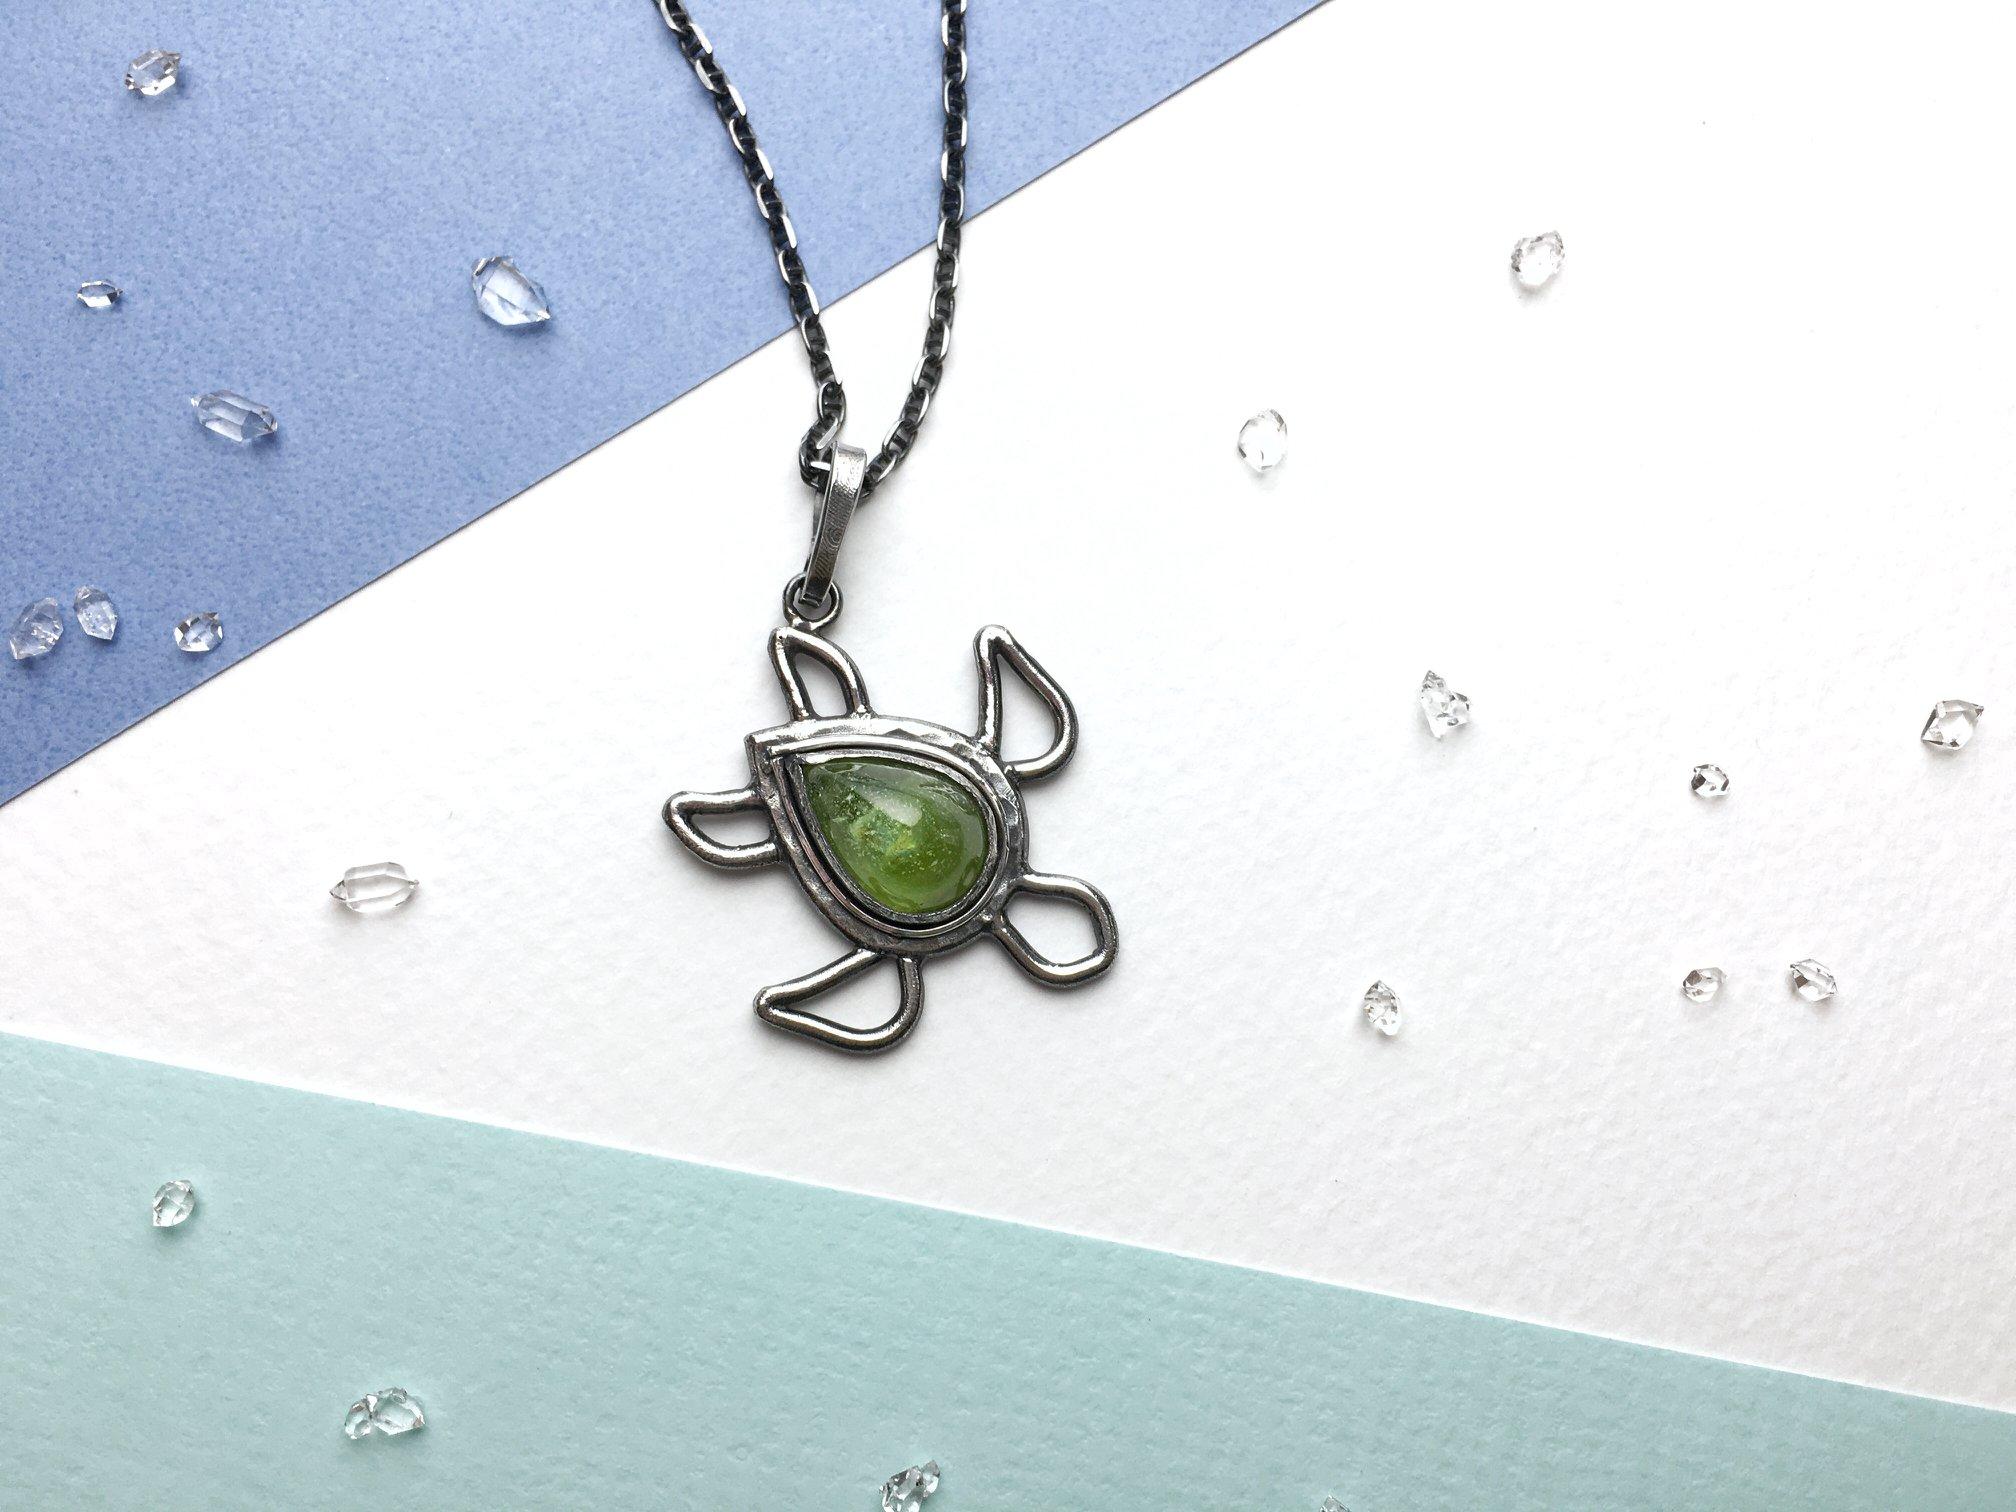 海龜小墜。橄欖石版